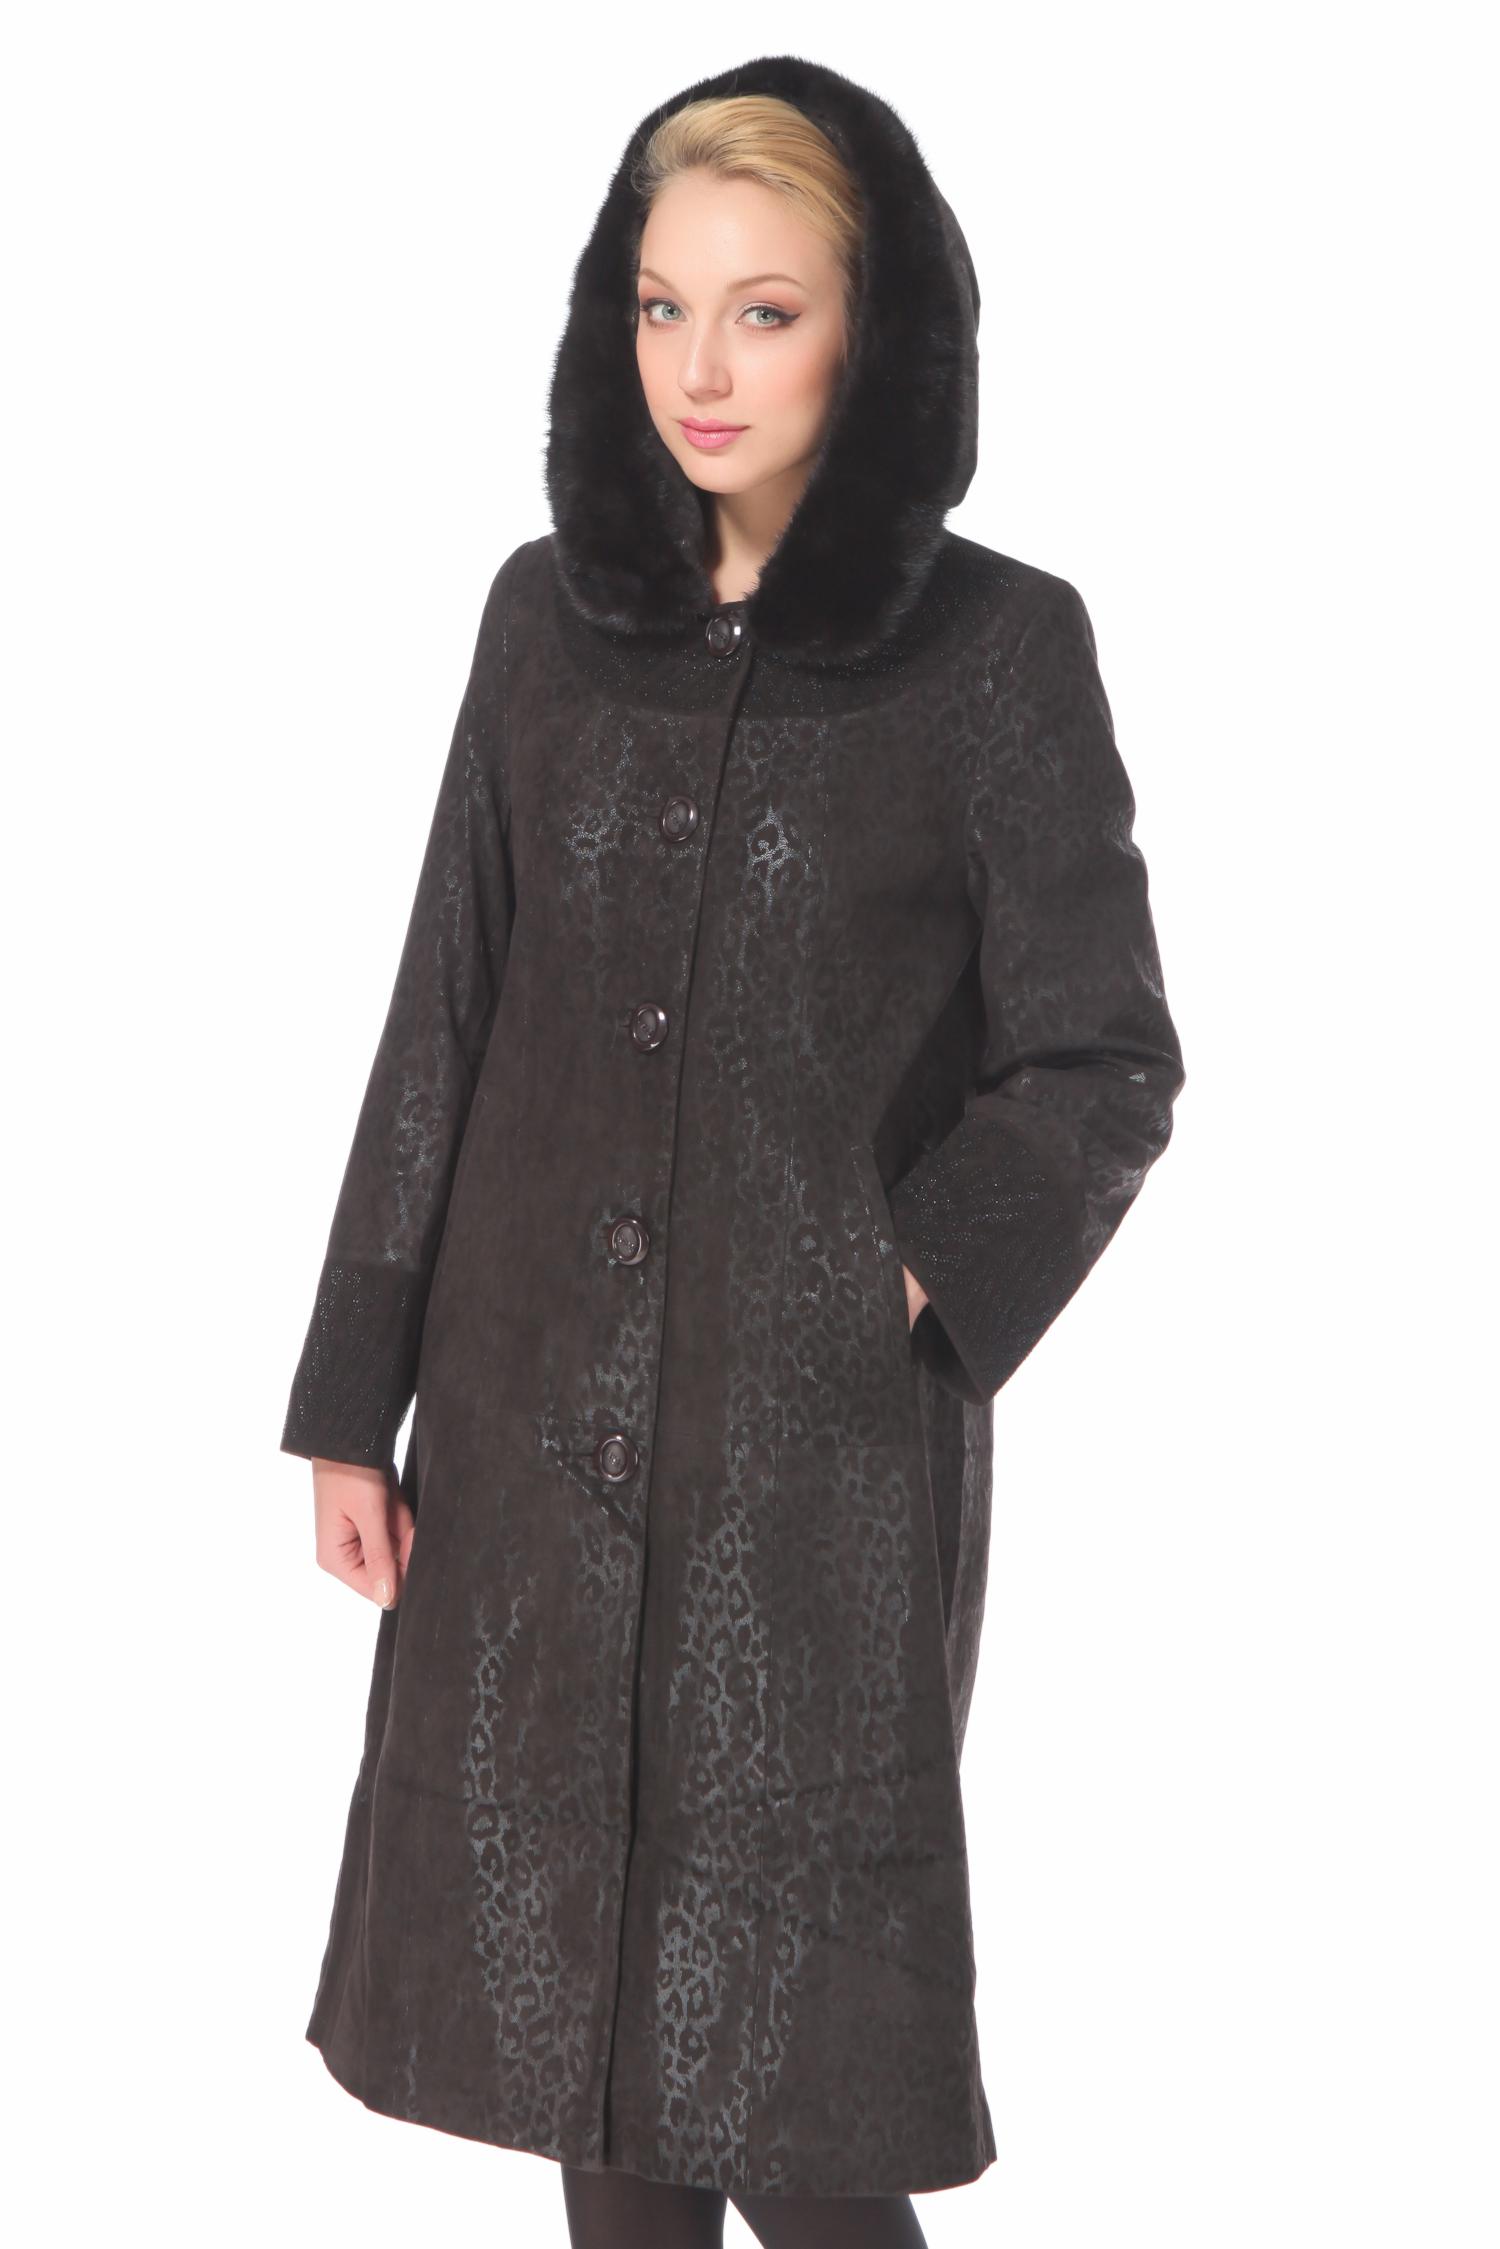 Женское кожаное пальто из натуральной замши (с накатом) с капюшоном, отделка норка<br><br>Воротник: капюшон<br>Длина см: Длинная (свыше 90)<br>Материал: Замша<br>Цвет: коричневый<br>Пол: Женский<br>Размер RU: 54